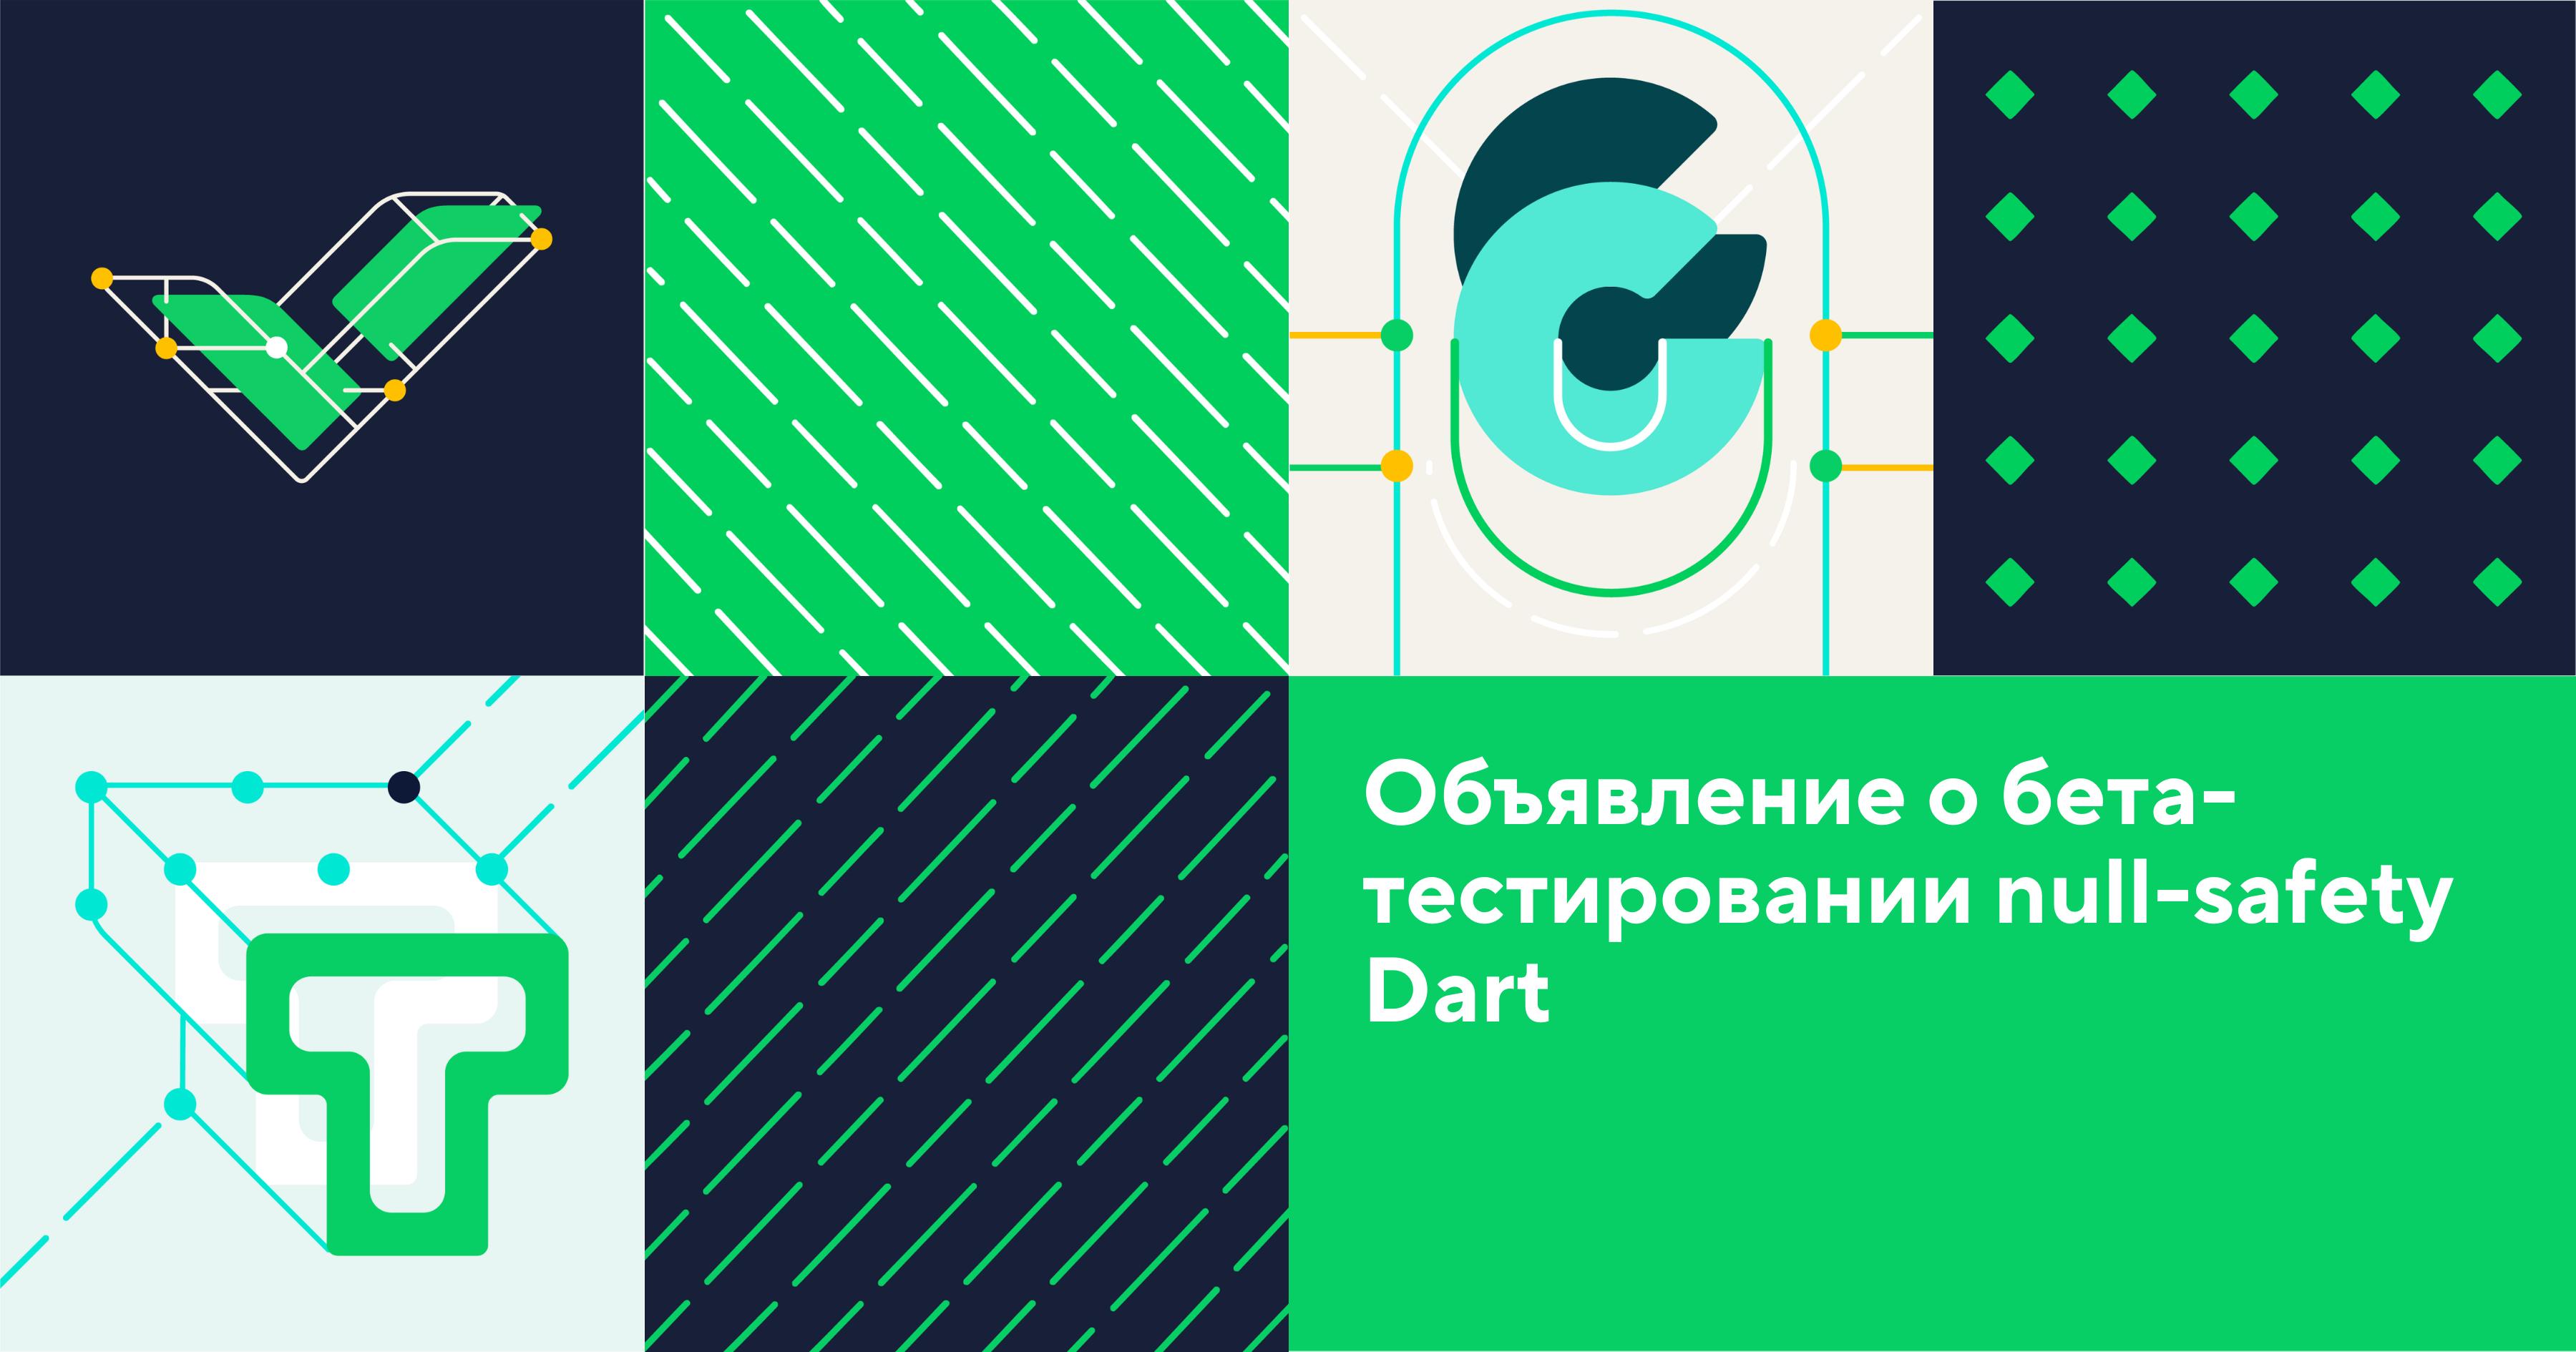 Объявление о бета-тестировании null-safety Dart. Начало процесса миграции пакетов в надежное и безопасное состояние - 1